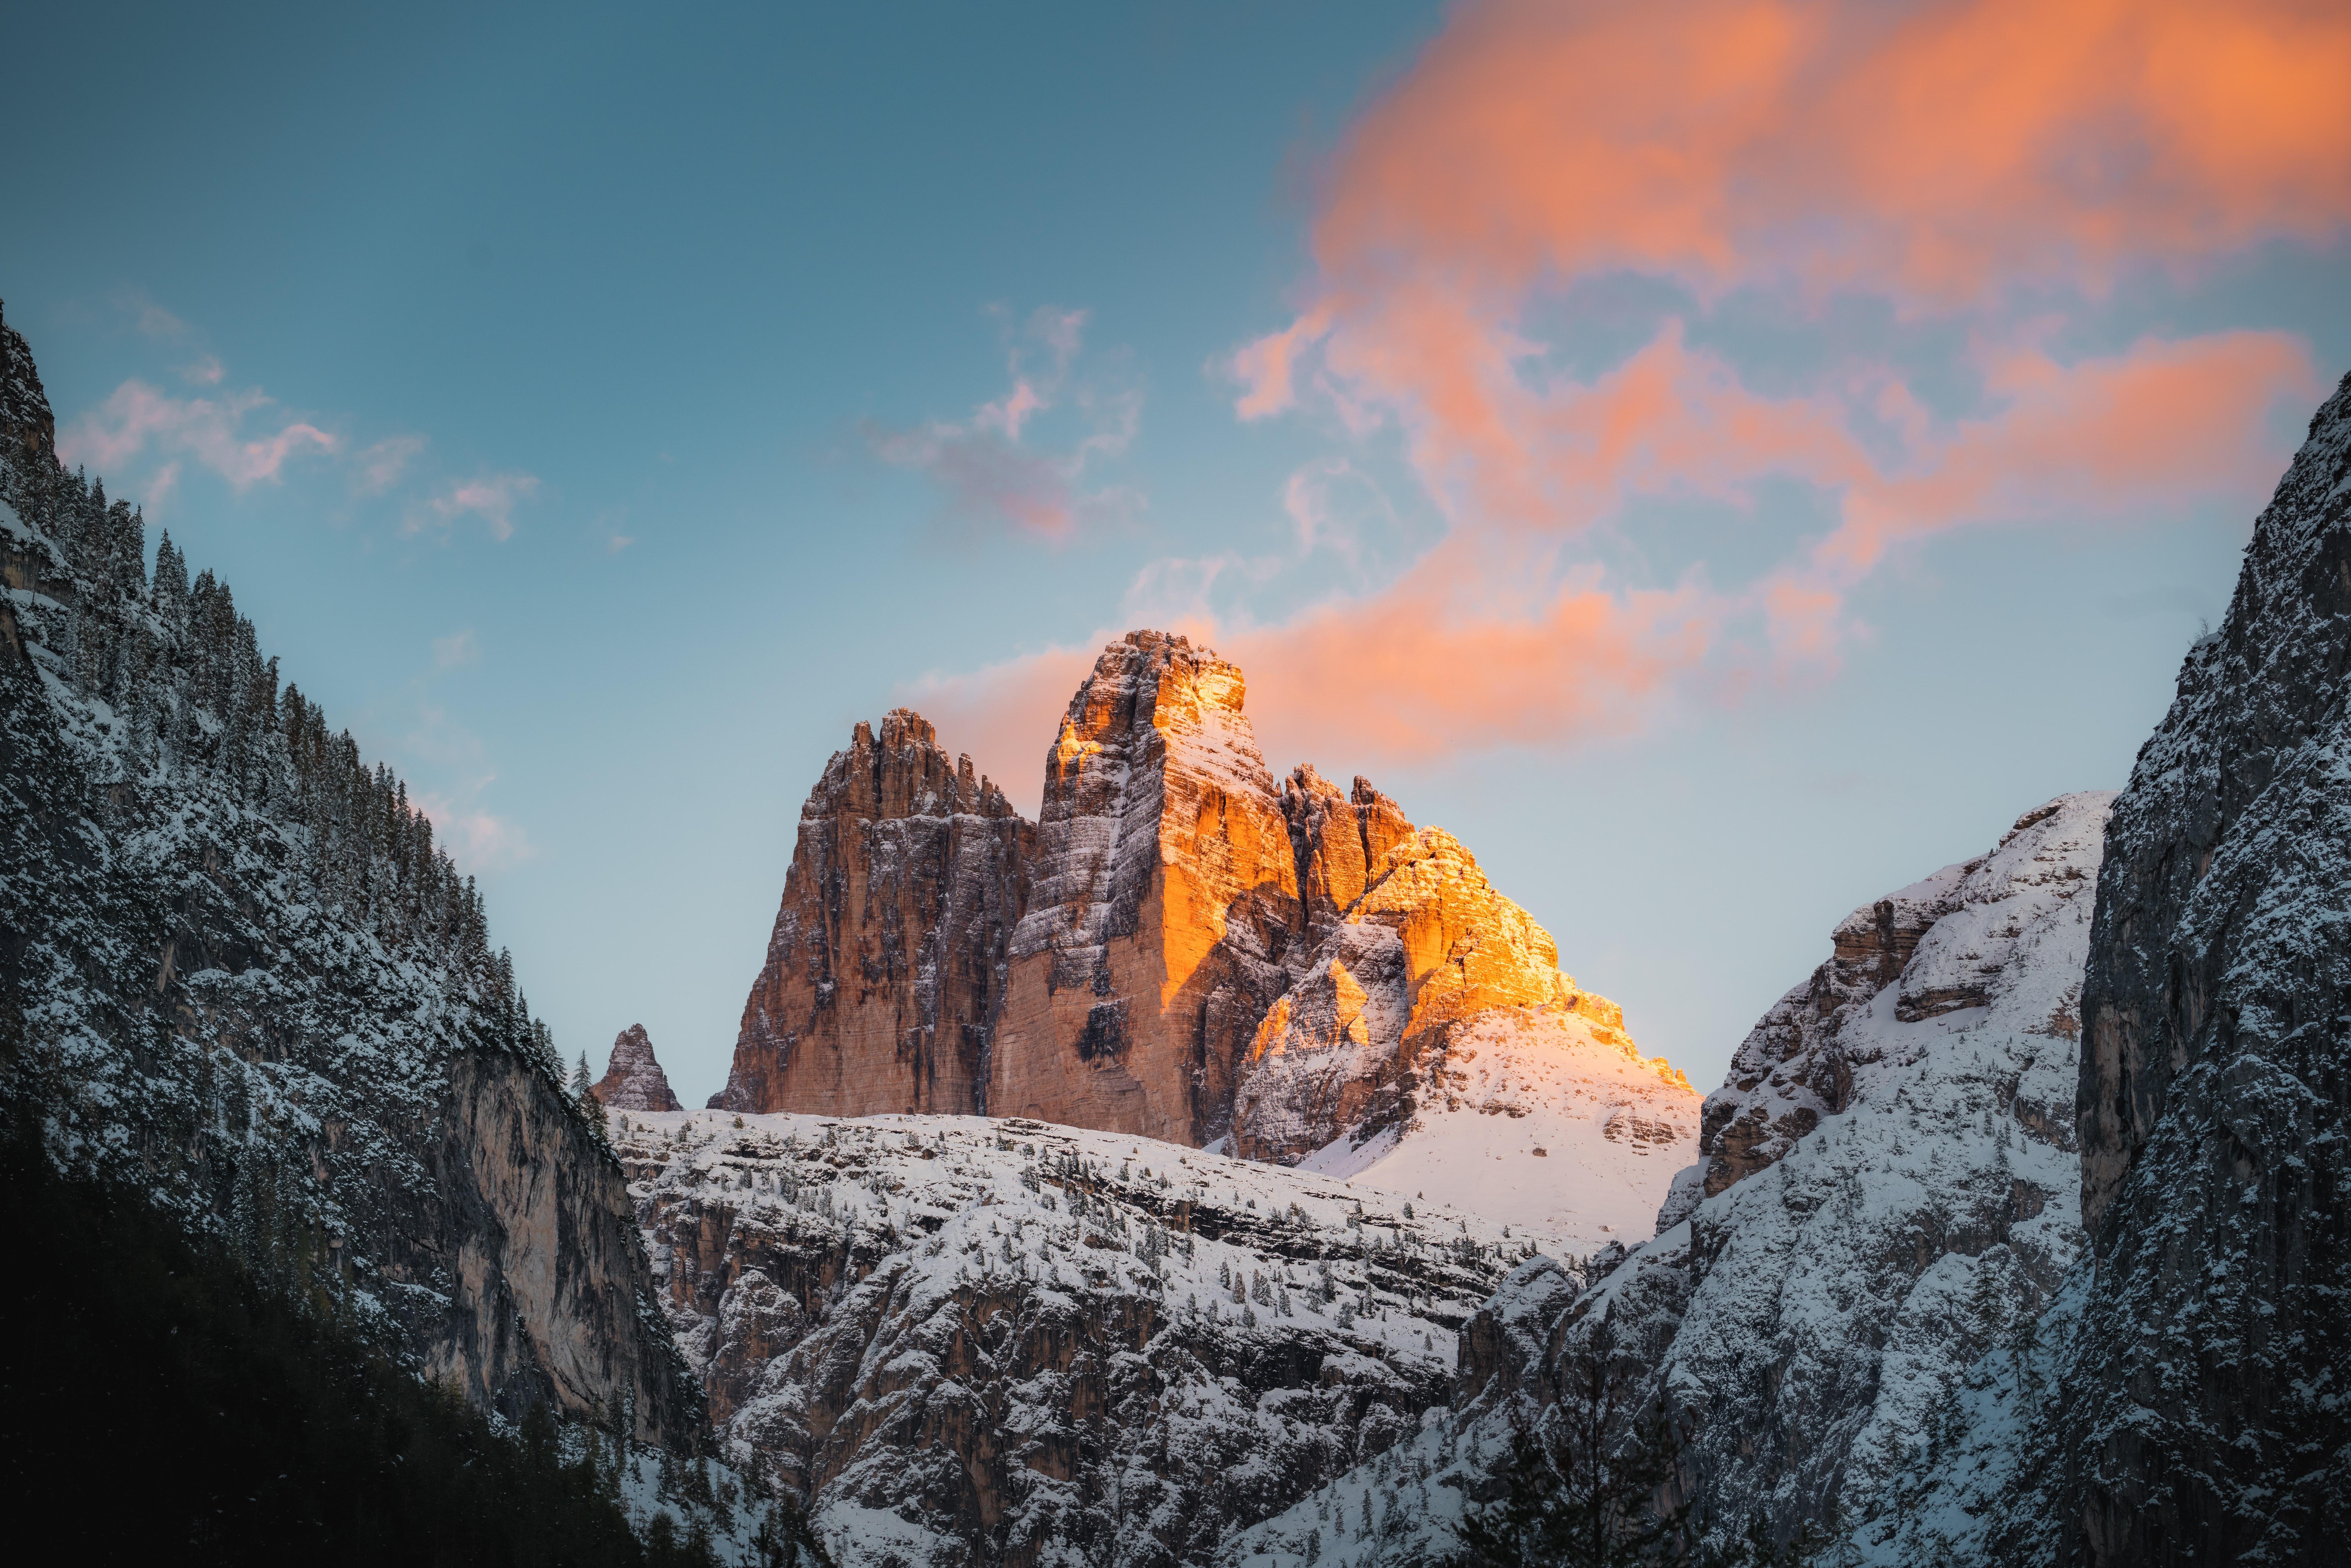 Fondos de pantalla Montañas cubiertas de nieve al atardecer